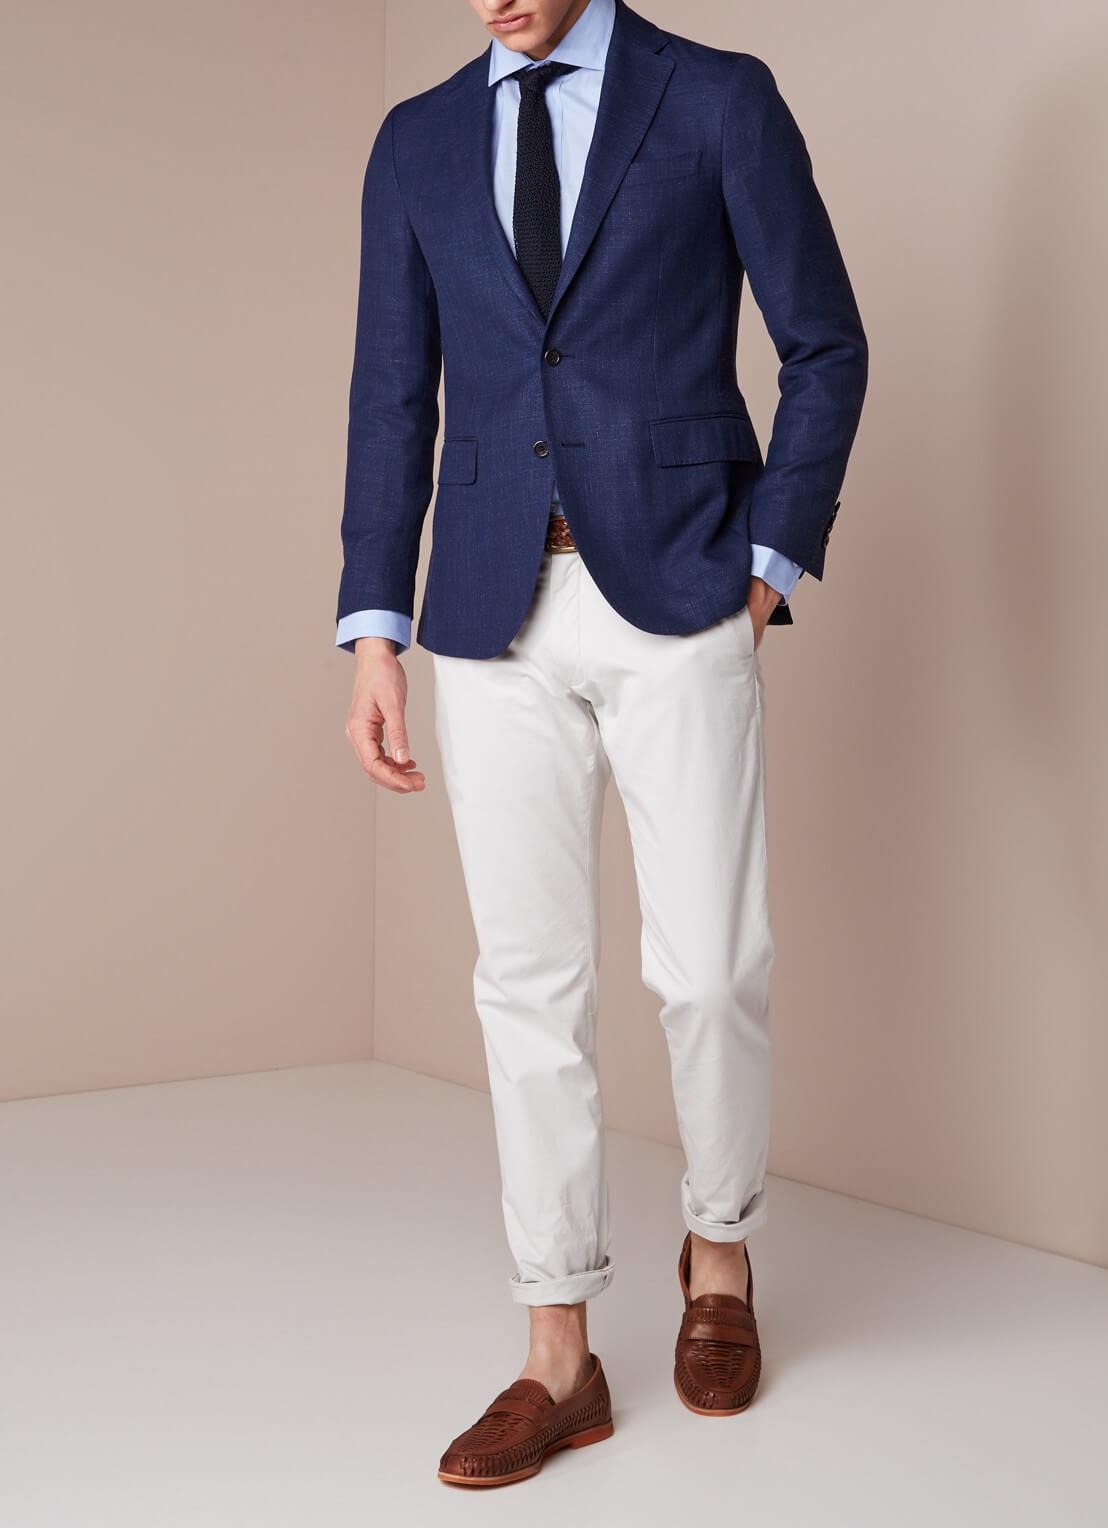 Work wear 6 - Mr.Draper